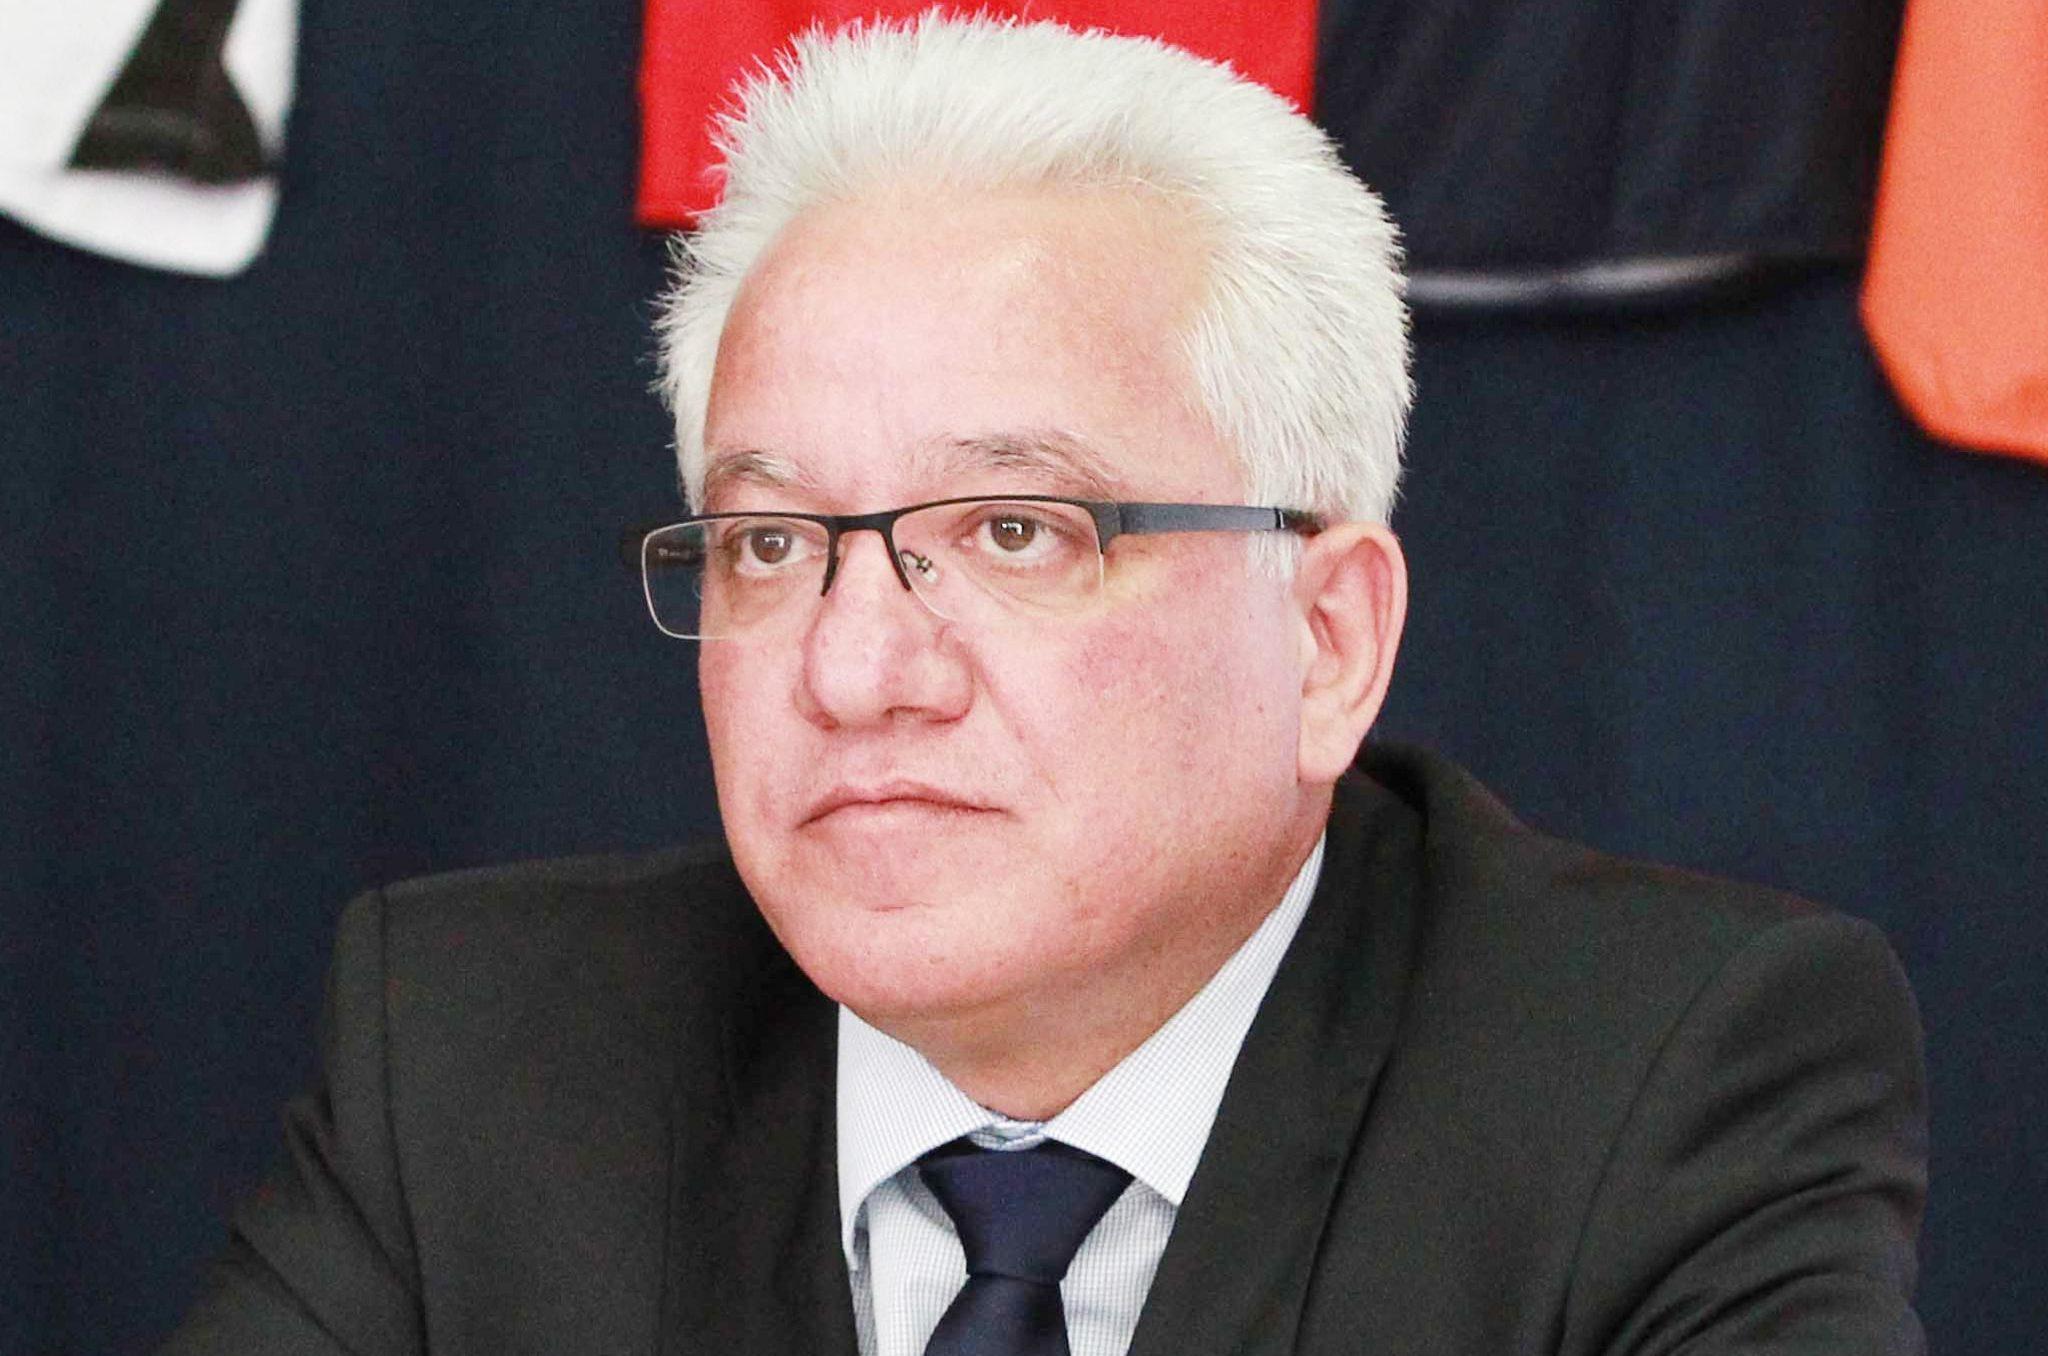 Παραιτήθηκε ο Υπουργός Δικαιοσύνης της Κύπρου